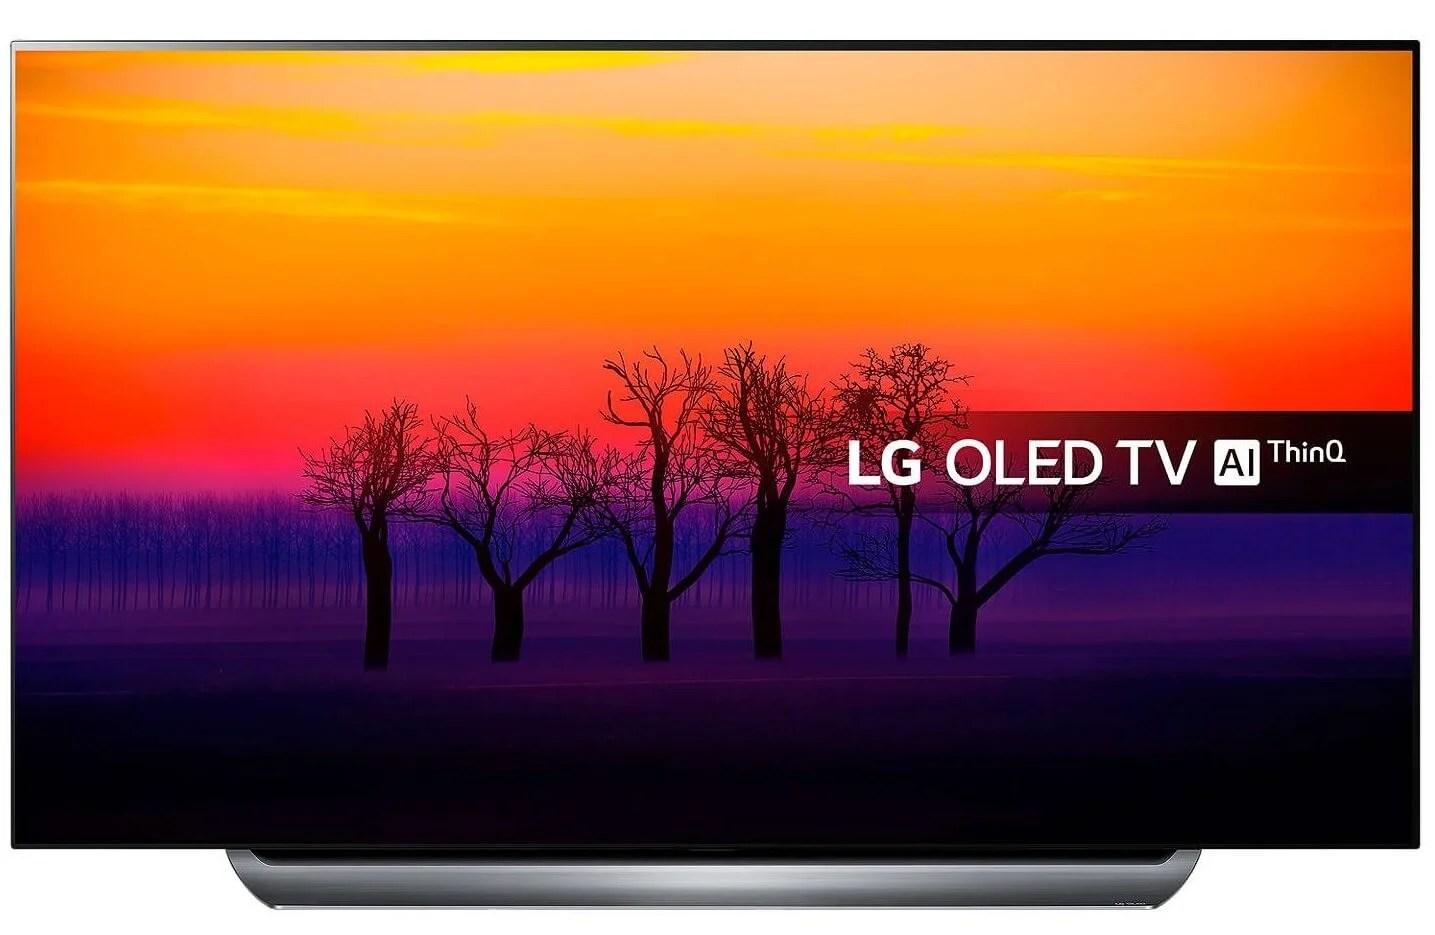 1 97 26 - Review: LG OLED C8, uma das melhores Smart TVs disponíveis no Brasil